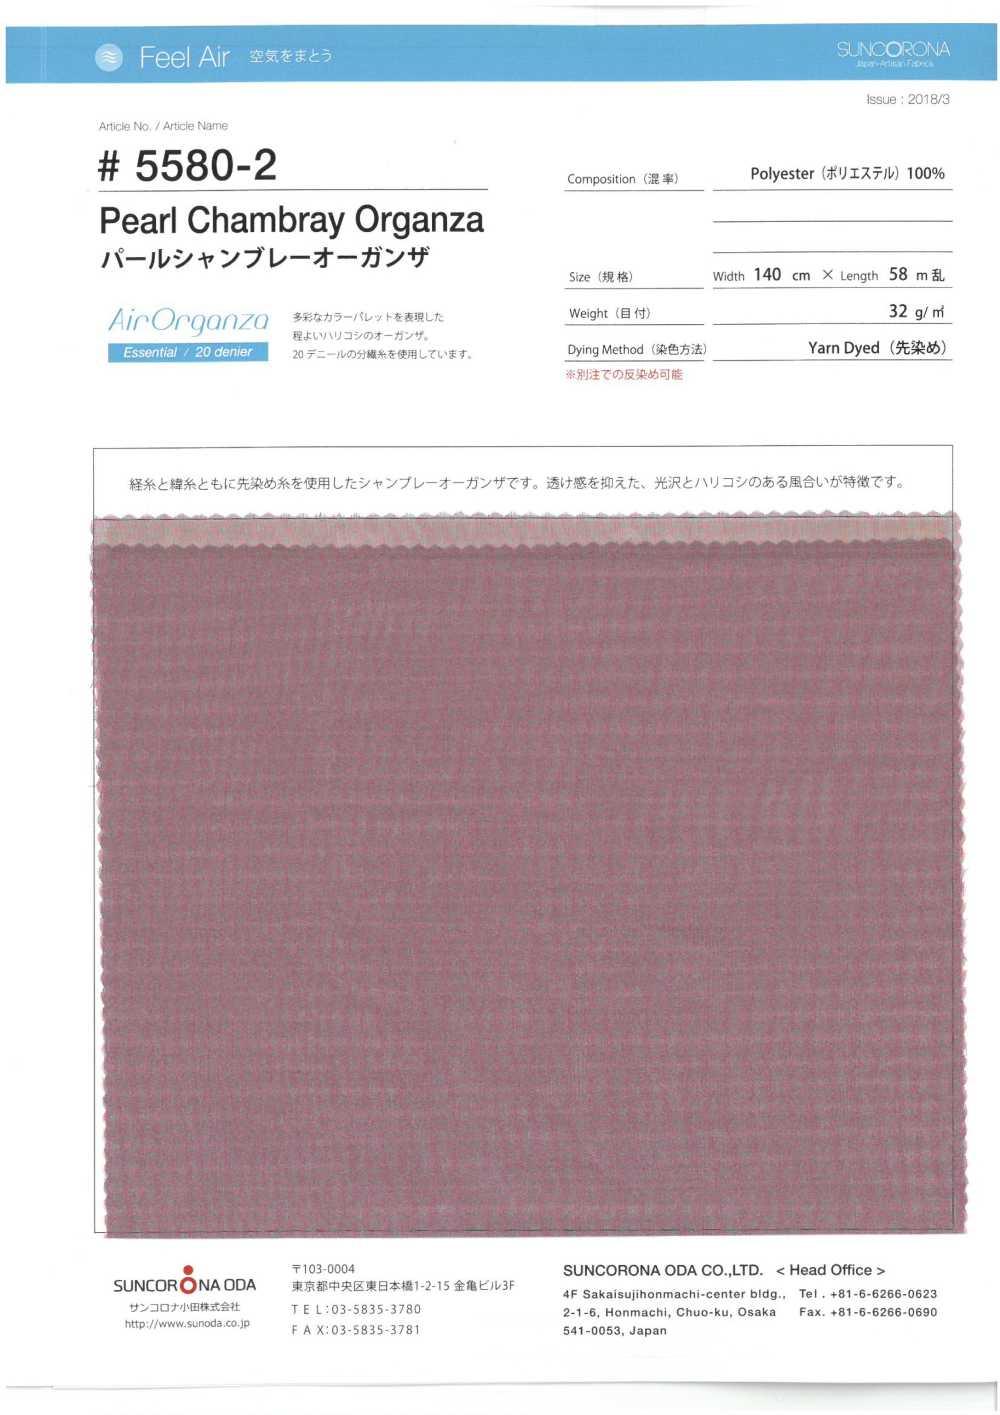 5580-2 先染パールオーガンジー[生地] サンコロナ小田/オークラ商事 - ApparelX アパレル資材卸通販